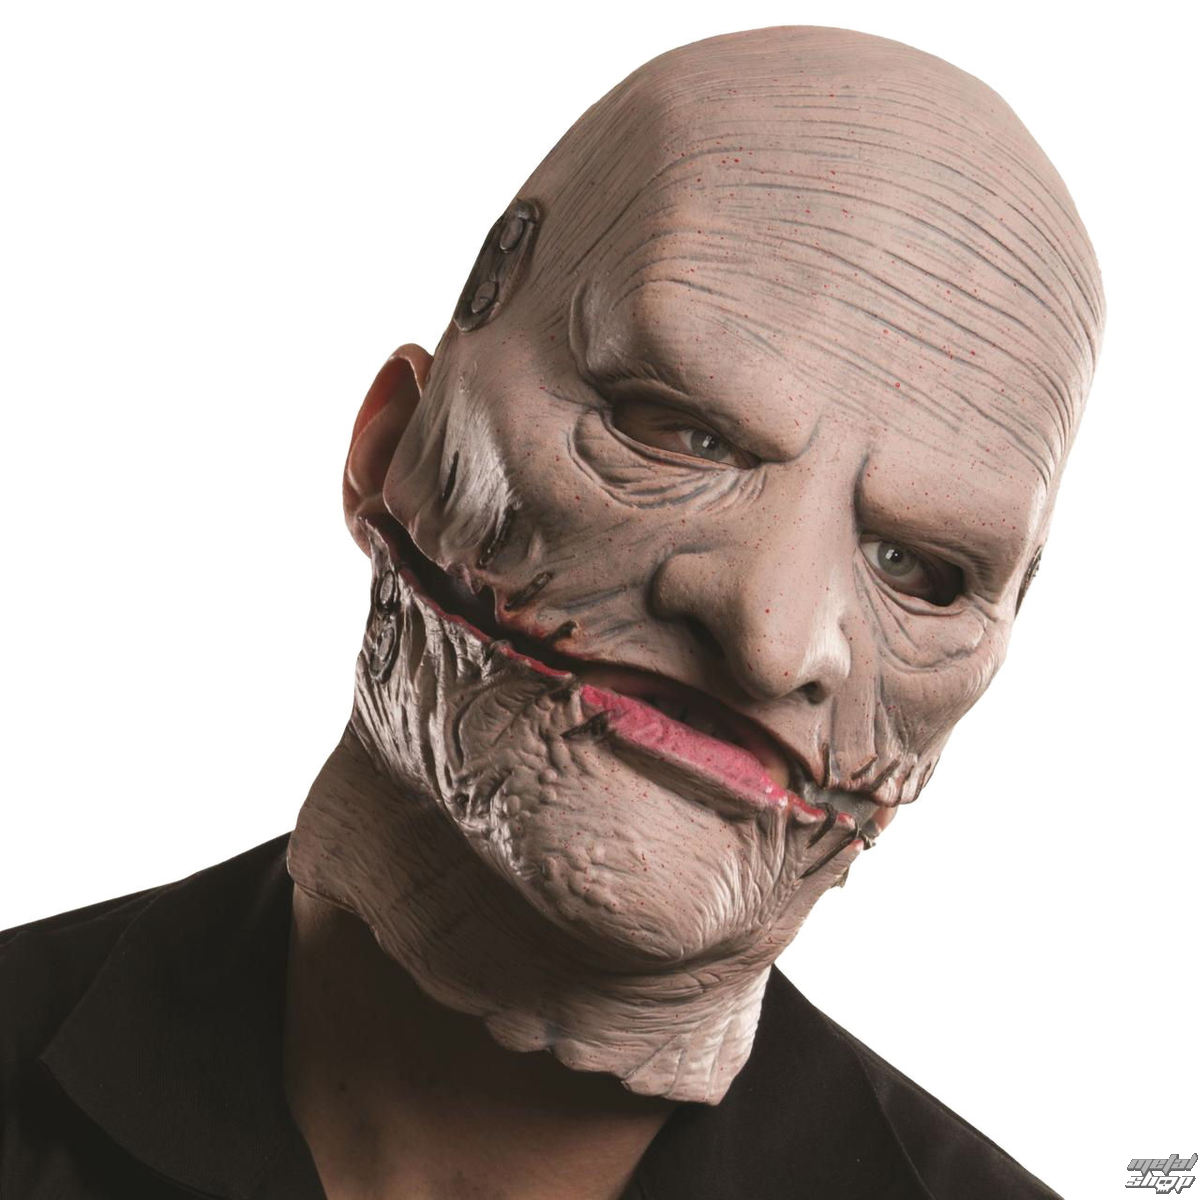 maska Slipknot - Corey